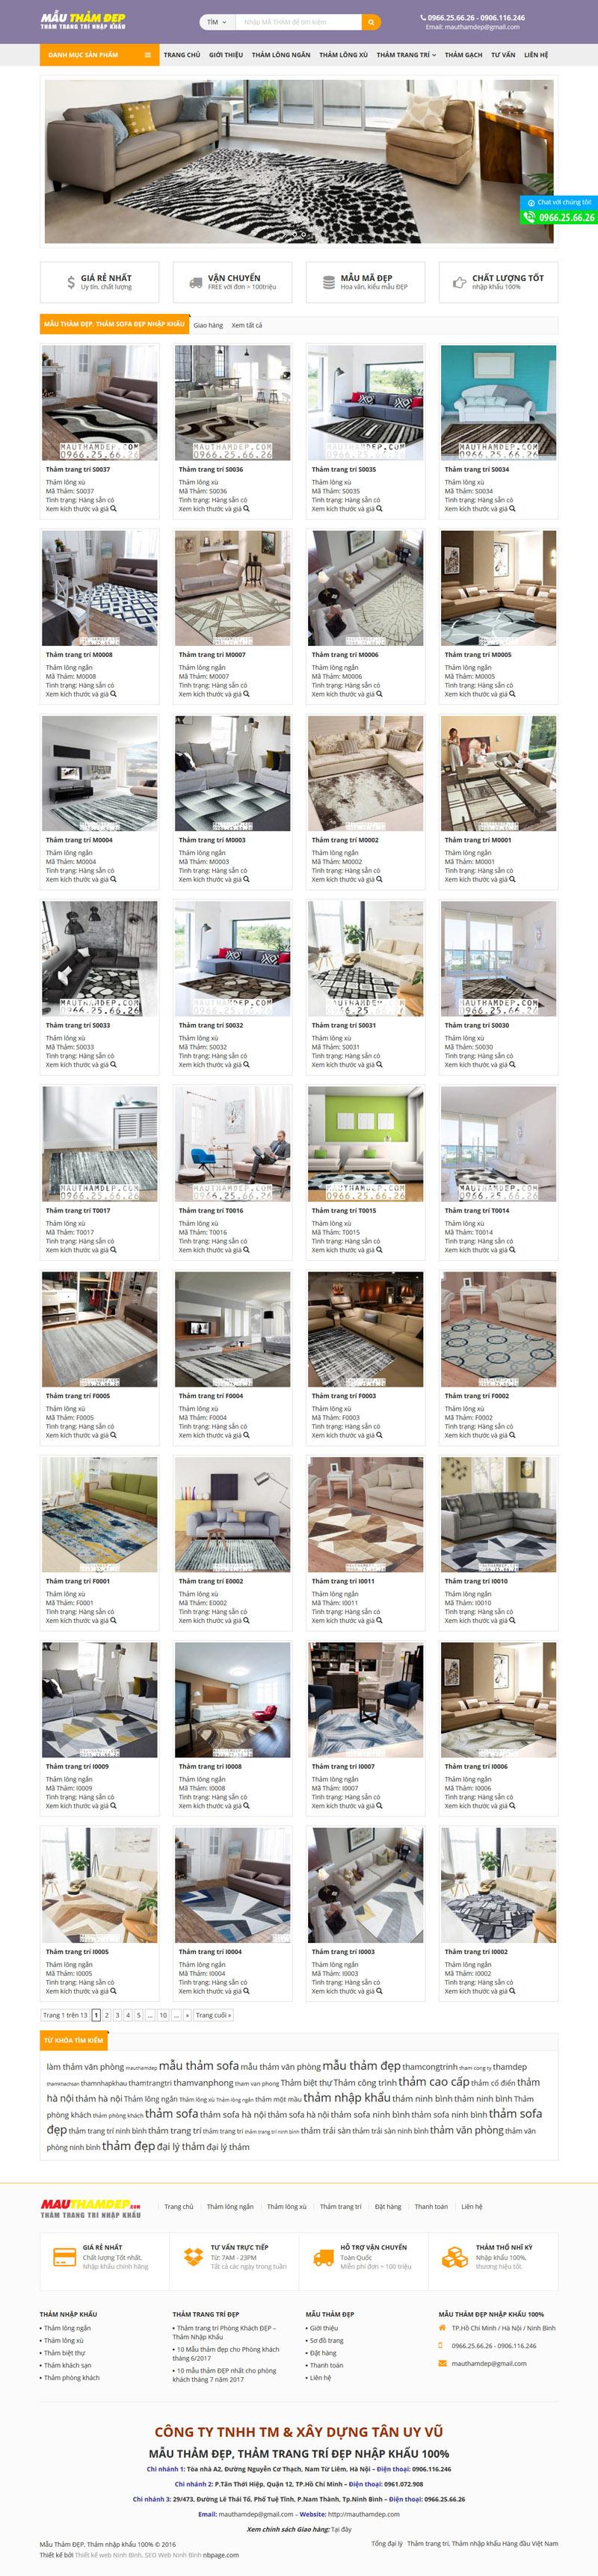 Website Mau tham DEP Tham trang tri Tham trai san DEP